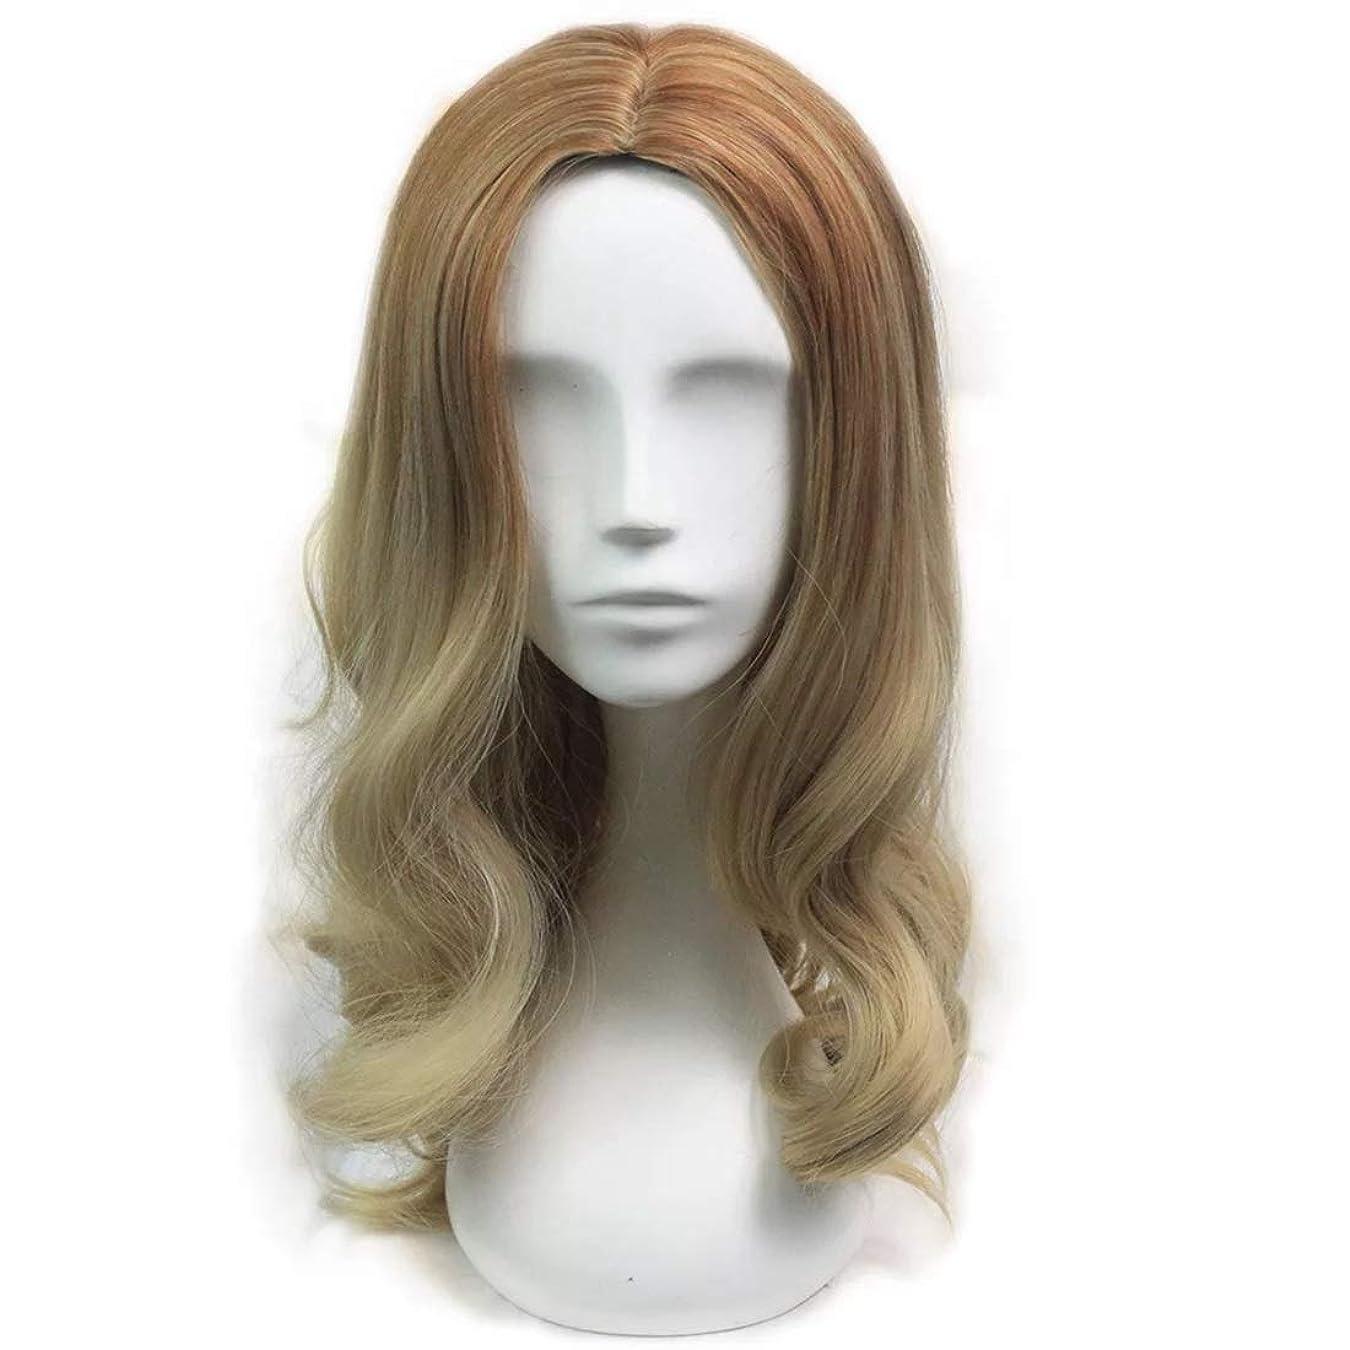 ブーストメダルマトンKoloeplf 女性用 ウィッグ ロング カーリーヘア フード ゴールド ブラウン 耐熱 ウィッグ (Color : Golden brown)